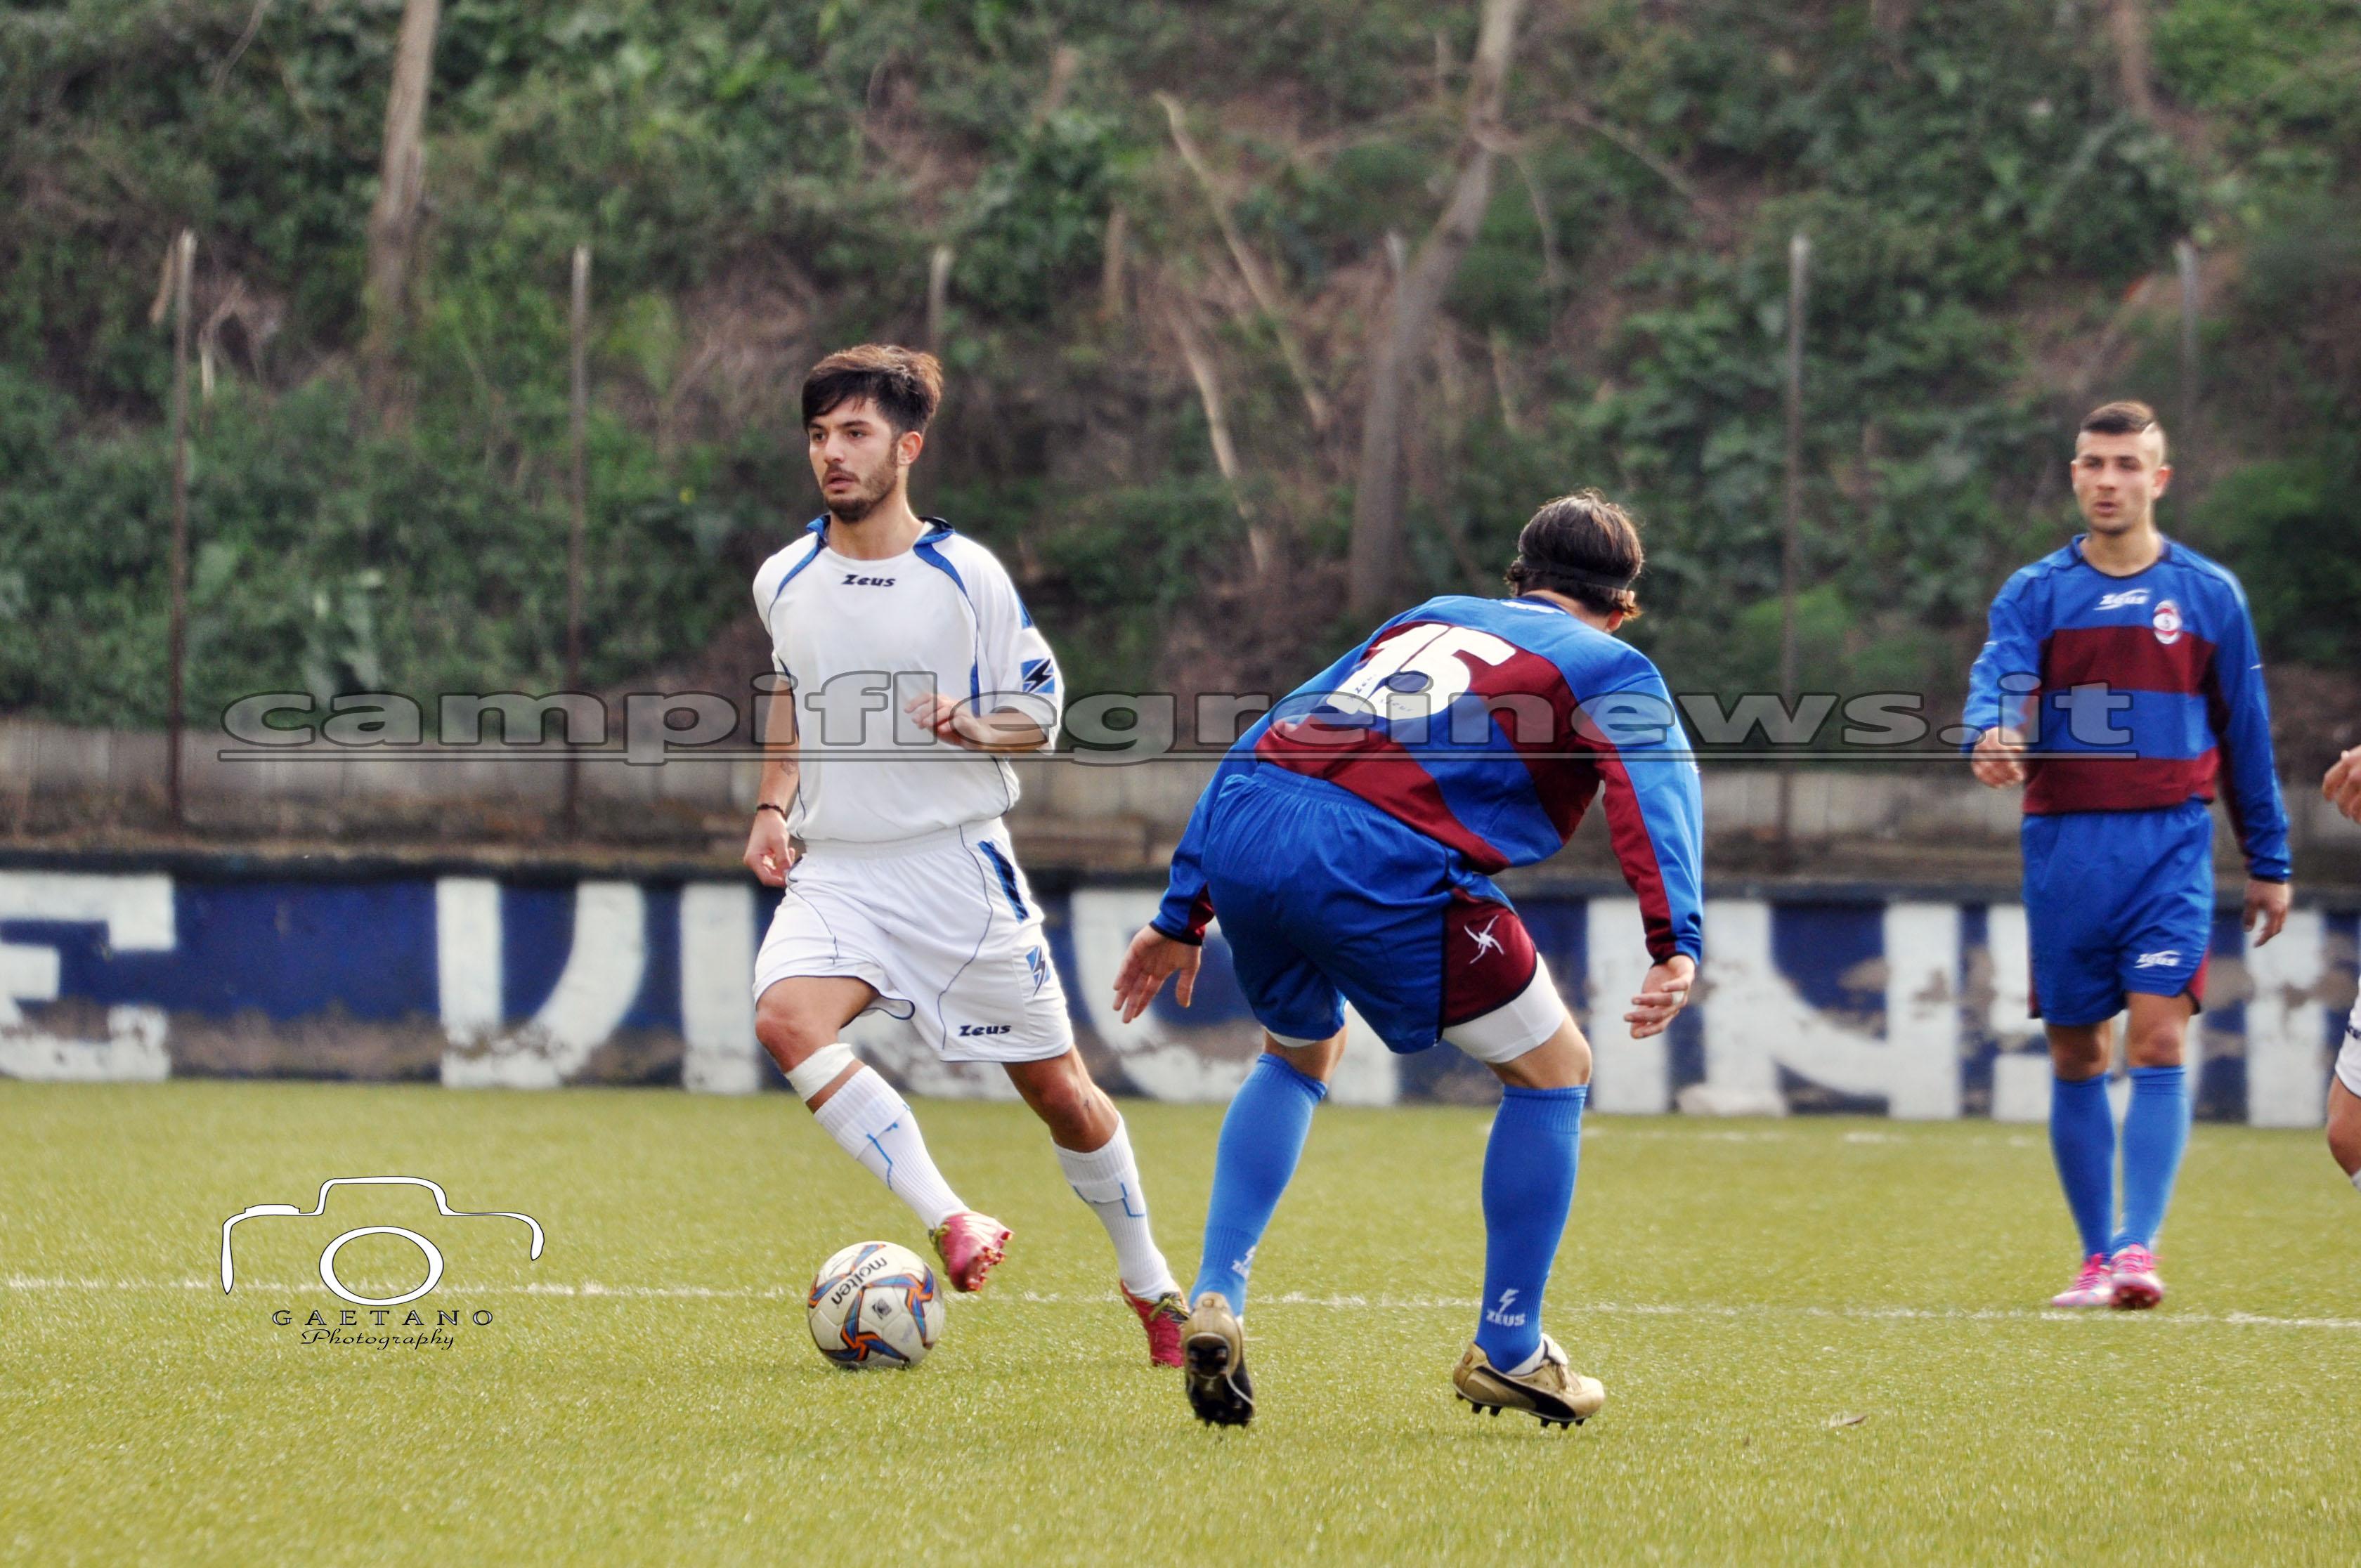 Sibilla, Cicatiello regala i tre punti al fotofinish col San Giorgio!